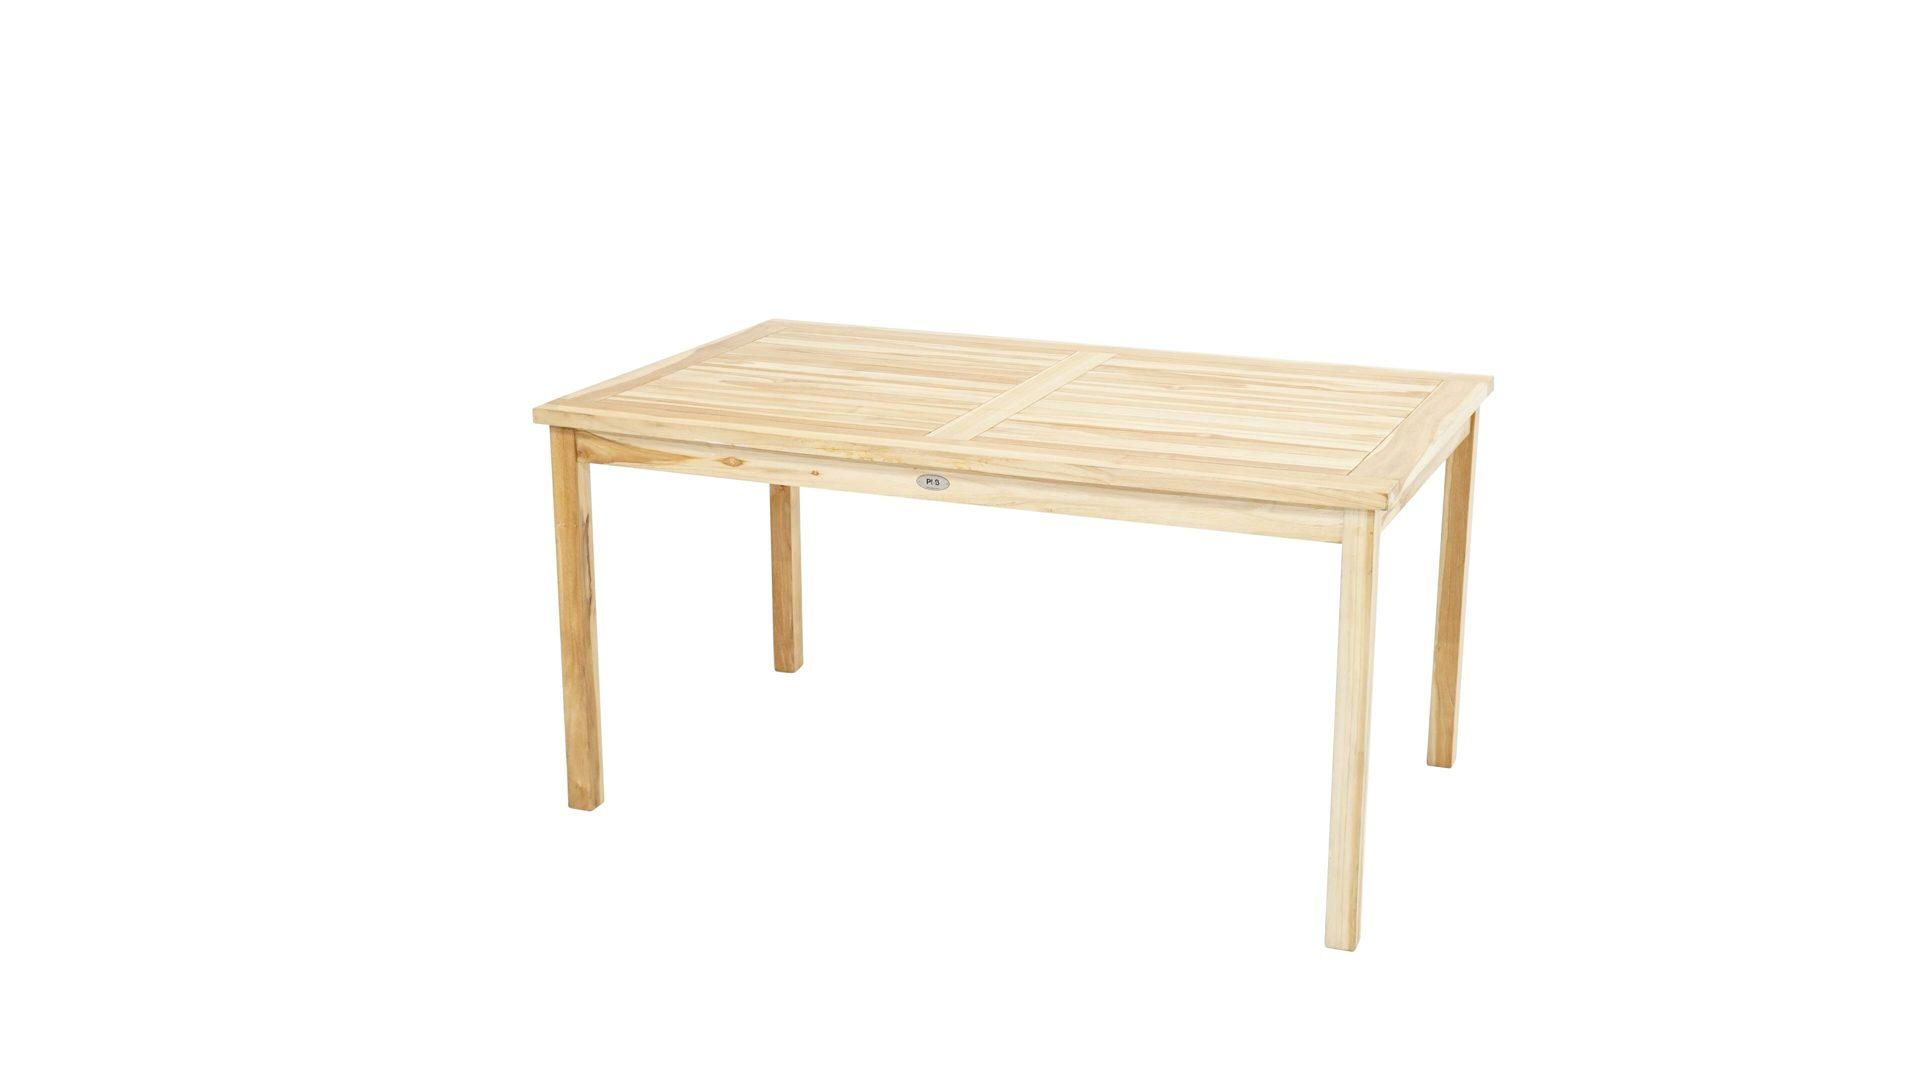 Ploss Tisch Pittsburgh Eco Als Gartenmobel Eco Teakholz Ca 150 X 90 Cm